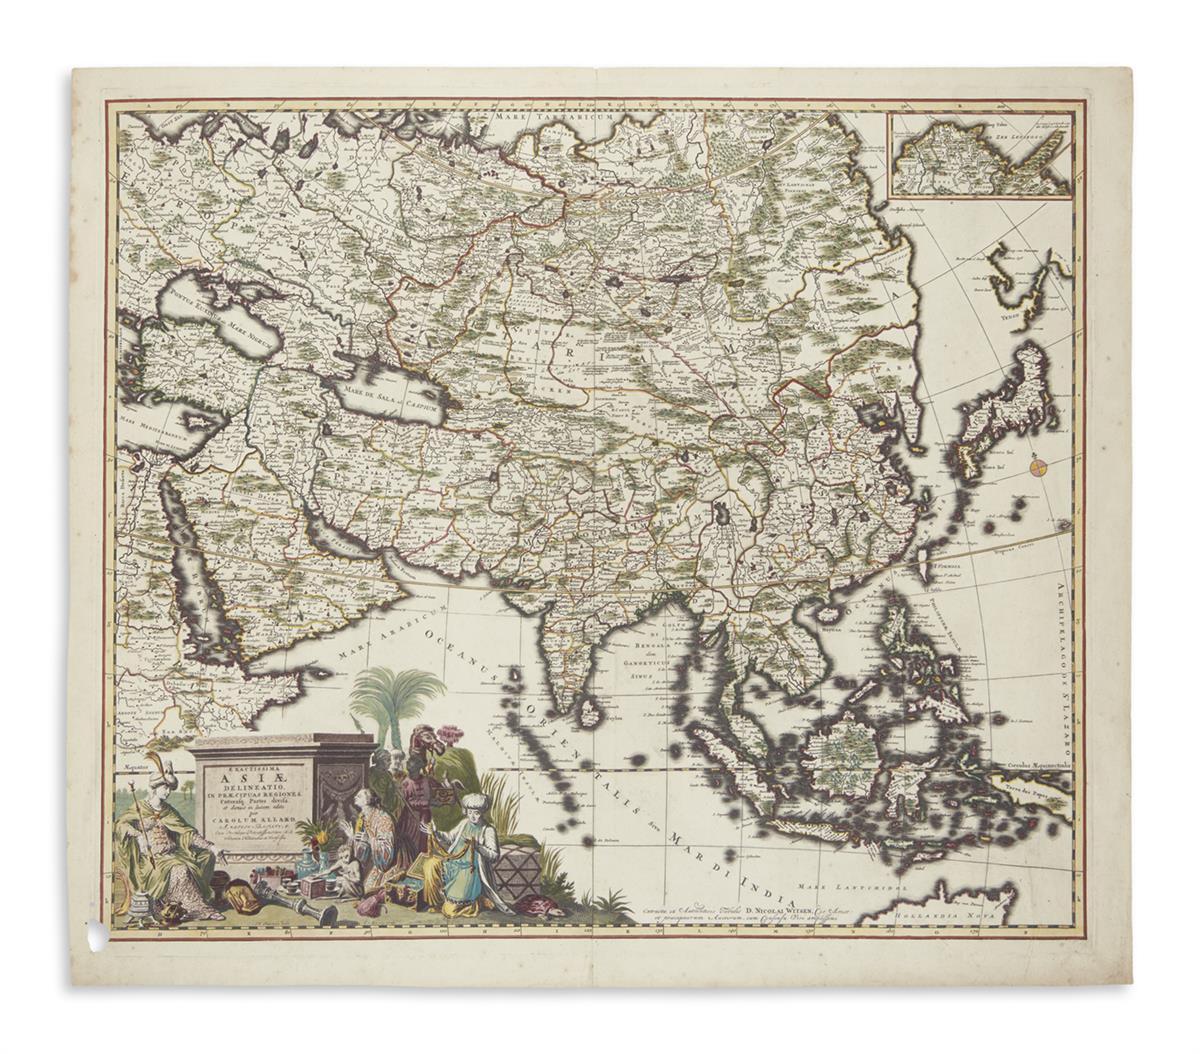 ALLARD-CAREL-Exactissima-Asiae-Delineatio